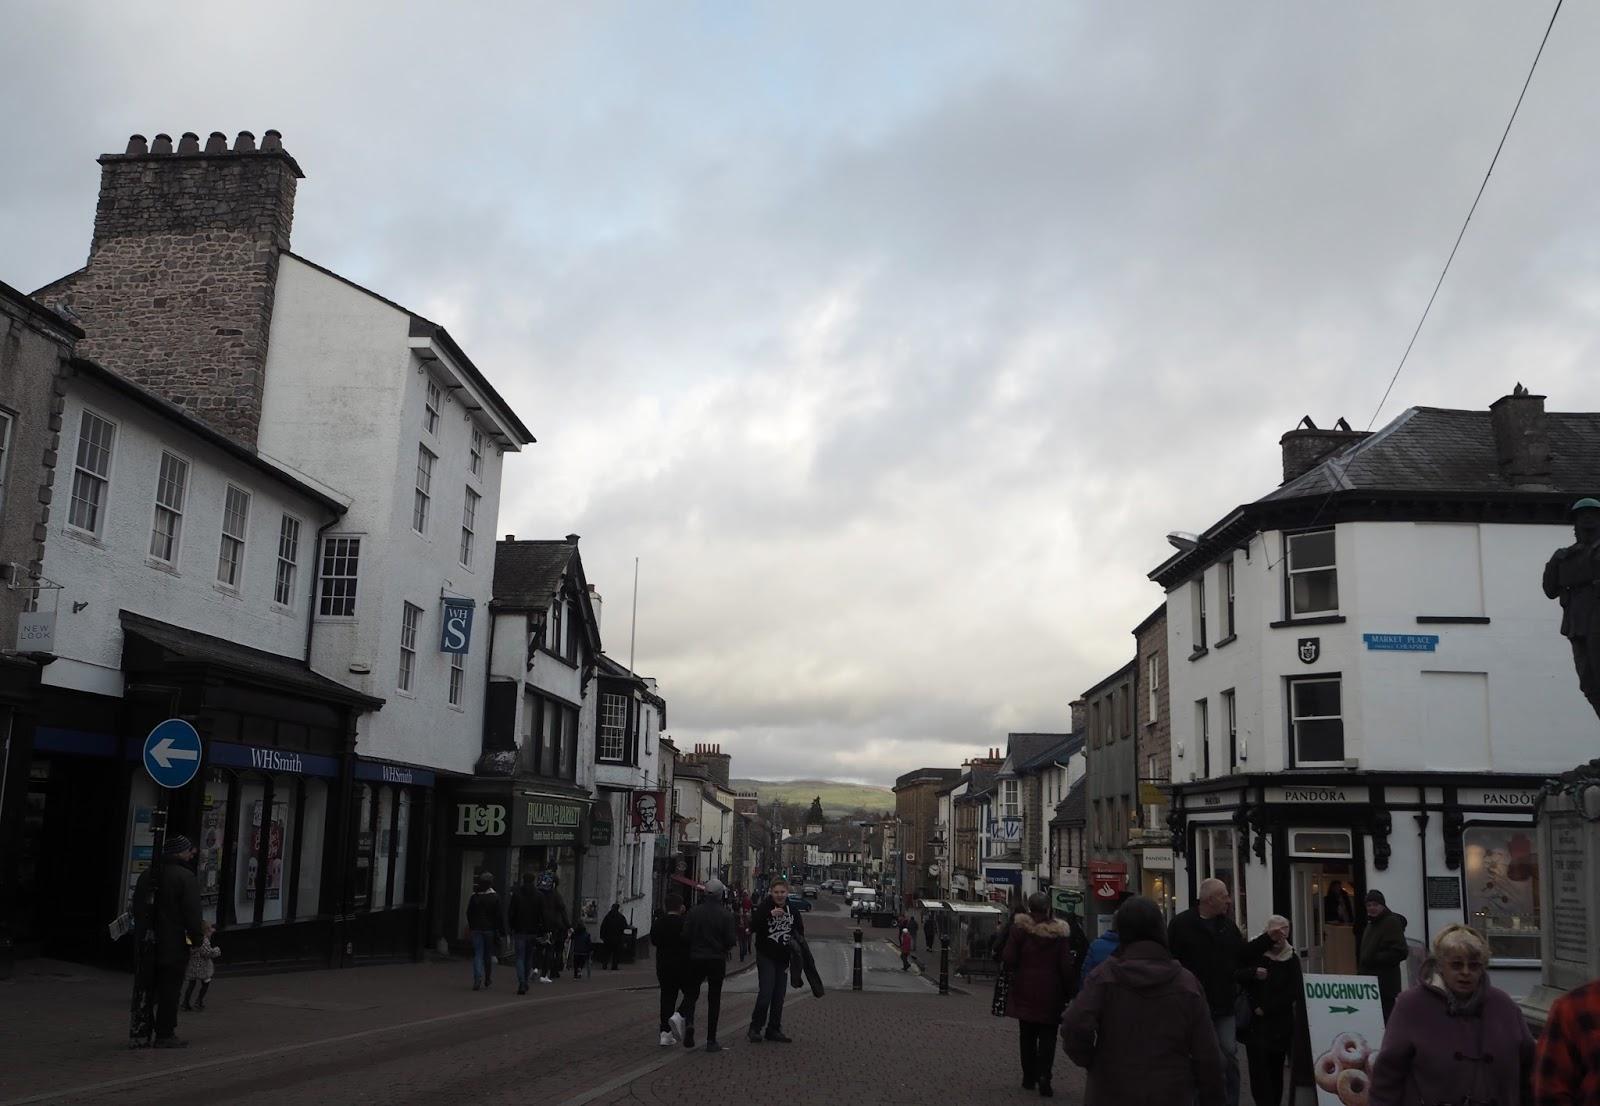 Main shopping street, Kendal